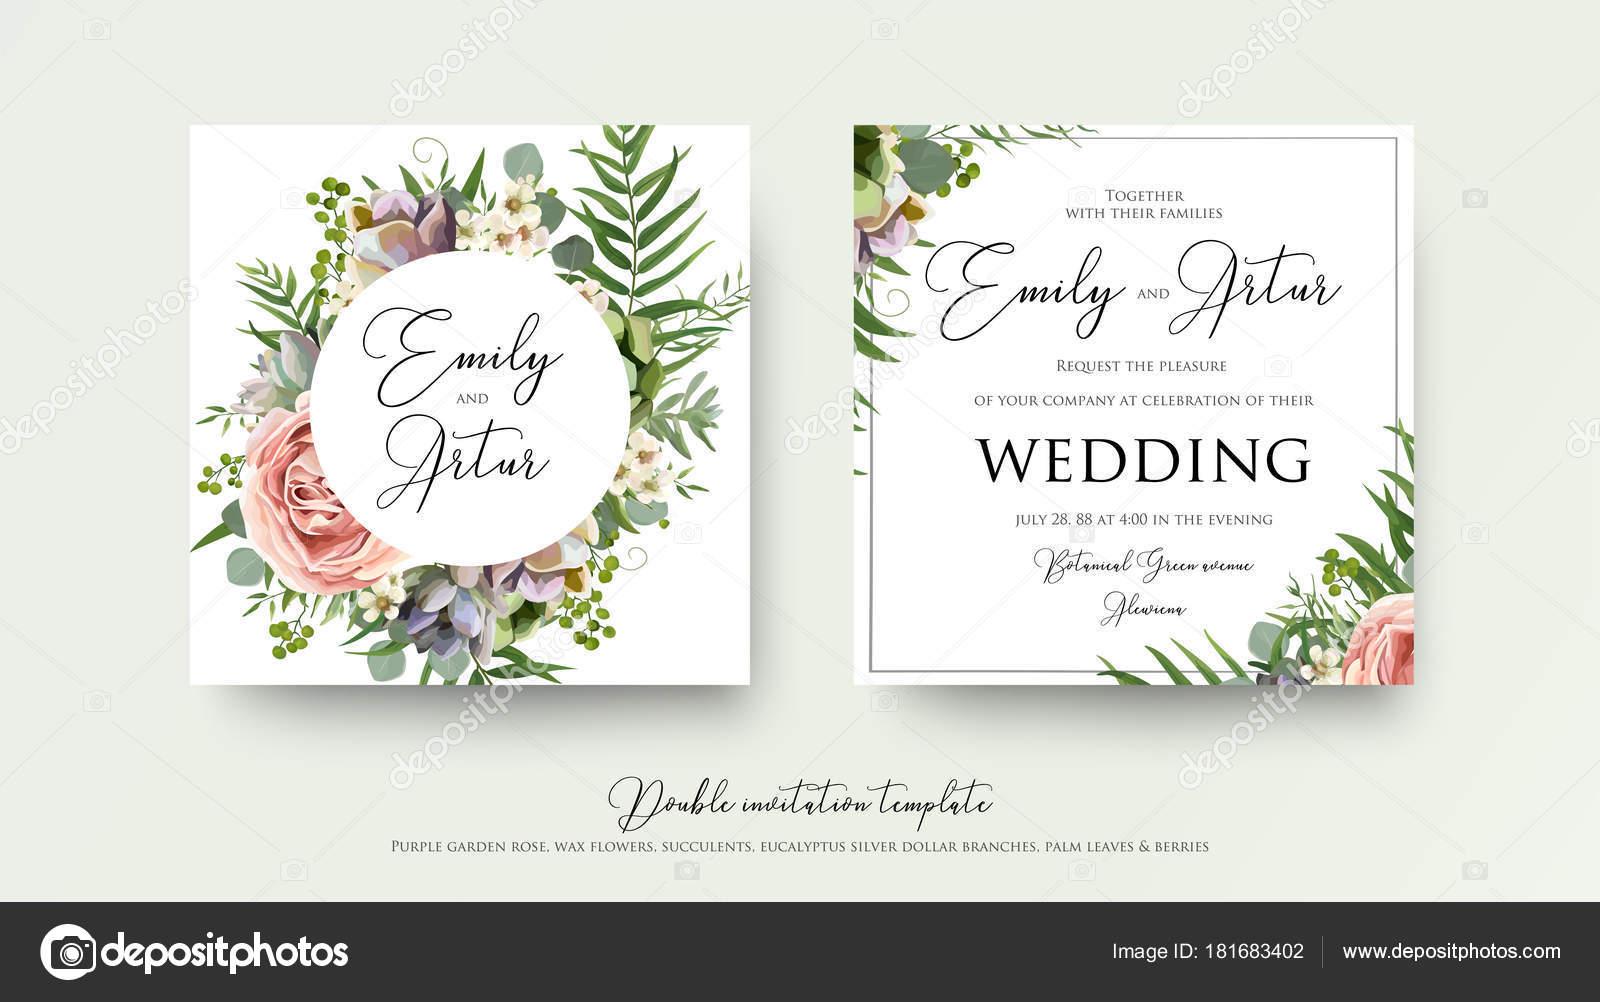 Elegant Hochzeit Blumen Einladung Einladungskarte Design Mit Lavendel Rosa Violett  Garten Rose, Zweige Grünen Tropischen Palmen